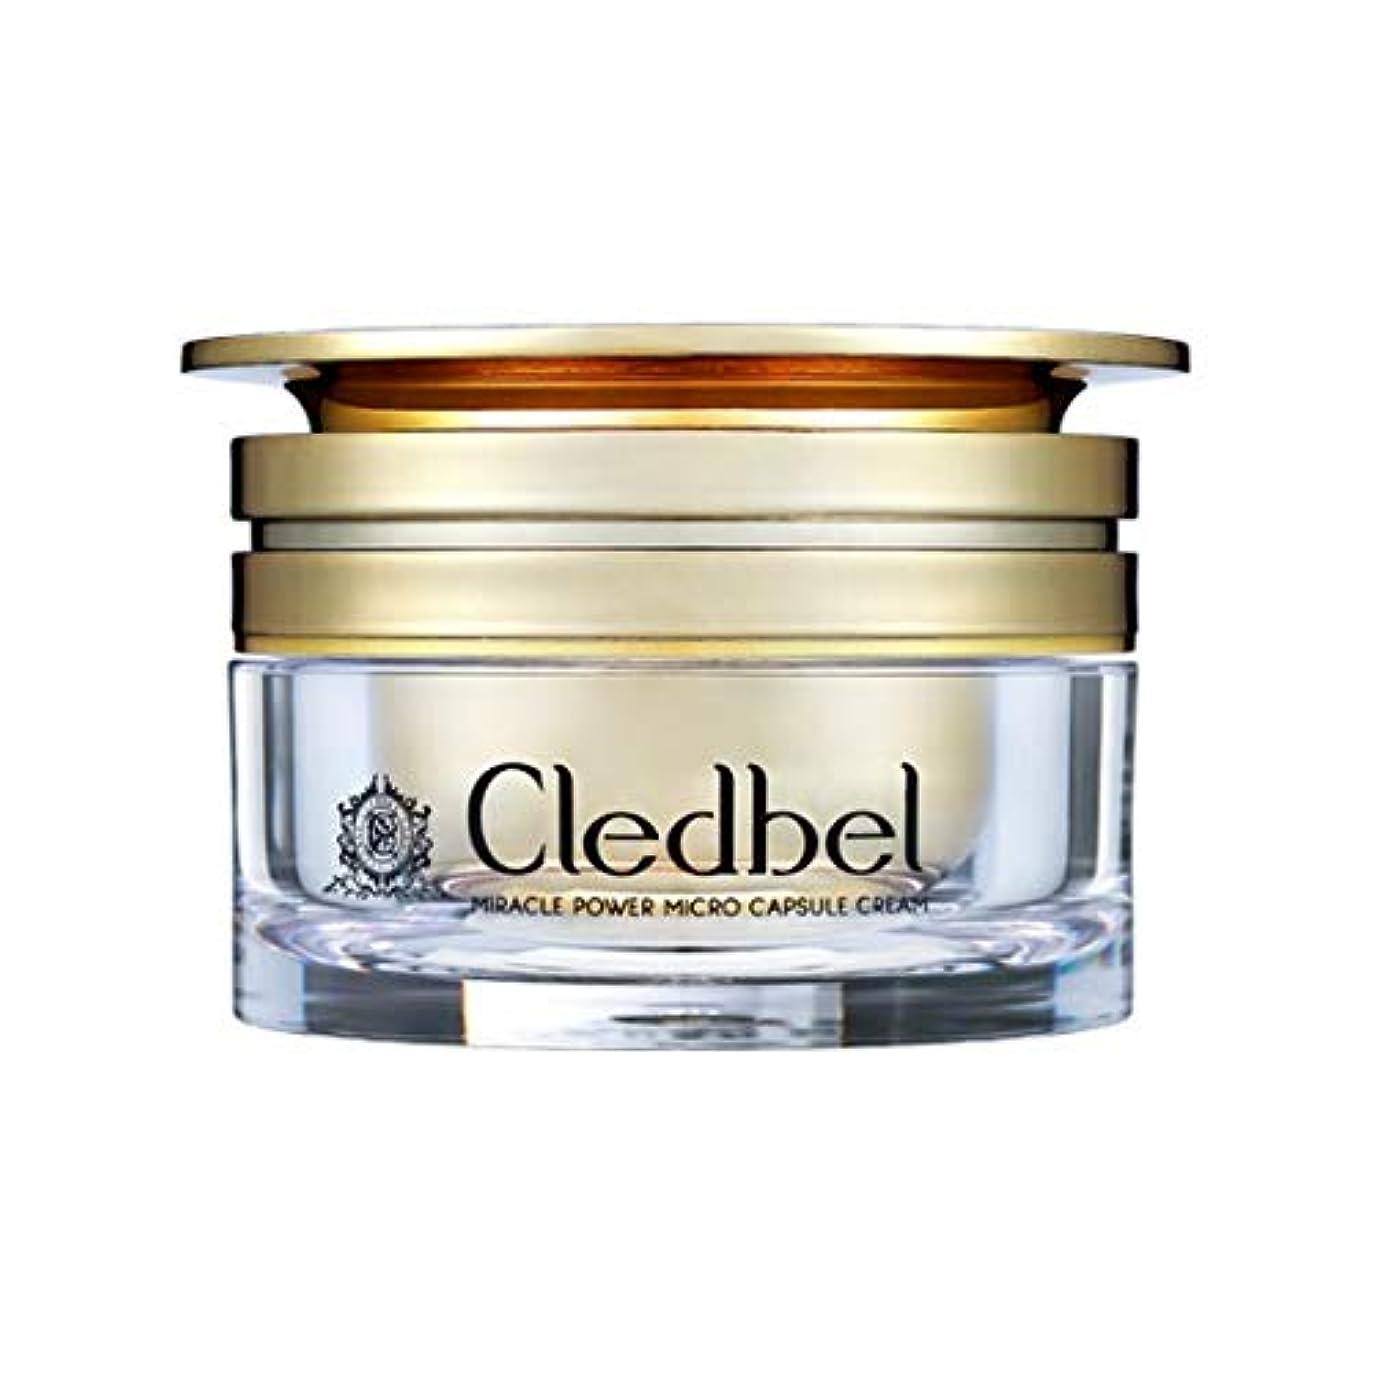 嫌い貢献する装置[cledbel] Miracle Power Micro Capsule Cream 50ml / ミラクルパワーマイクロカプセルクリーム 50ml [並行輸入品]